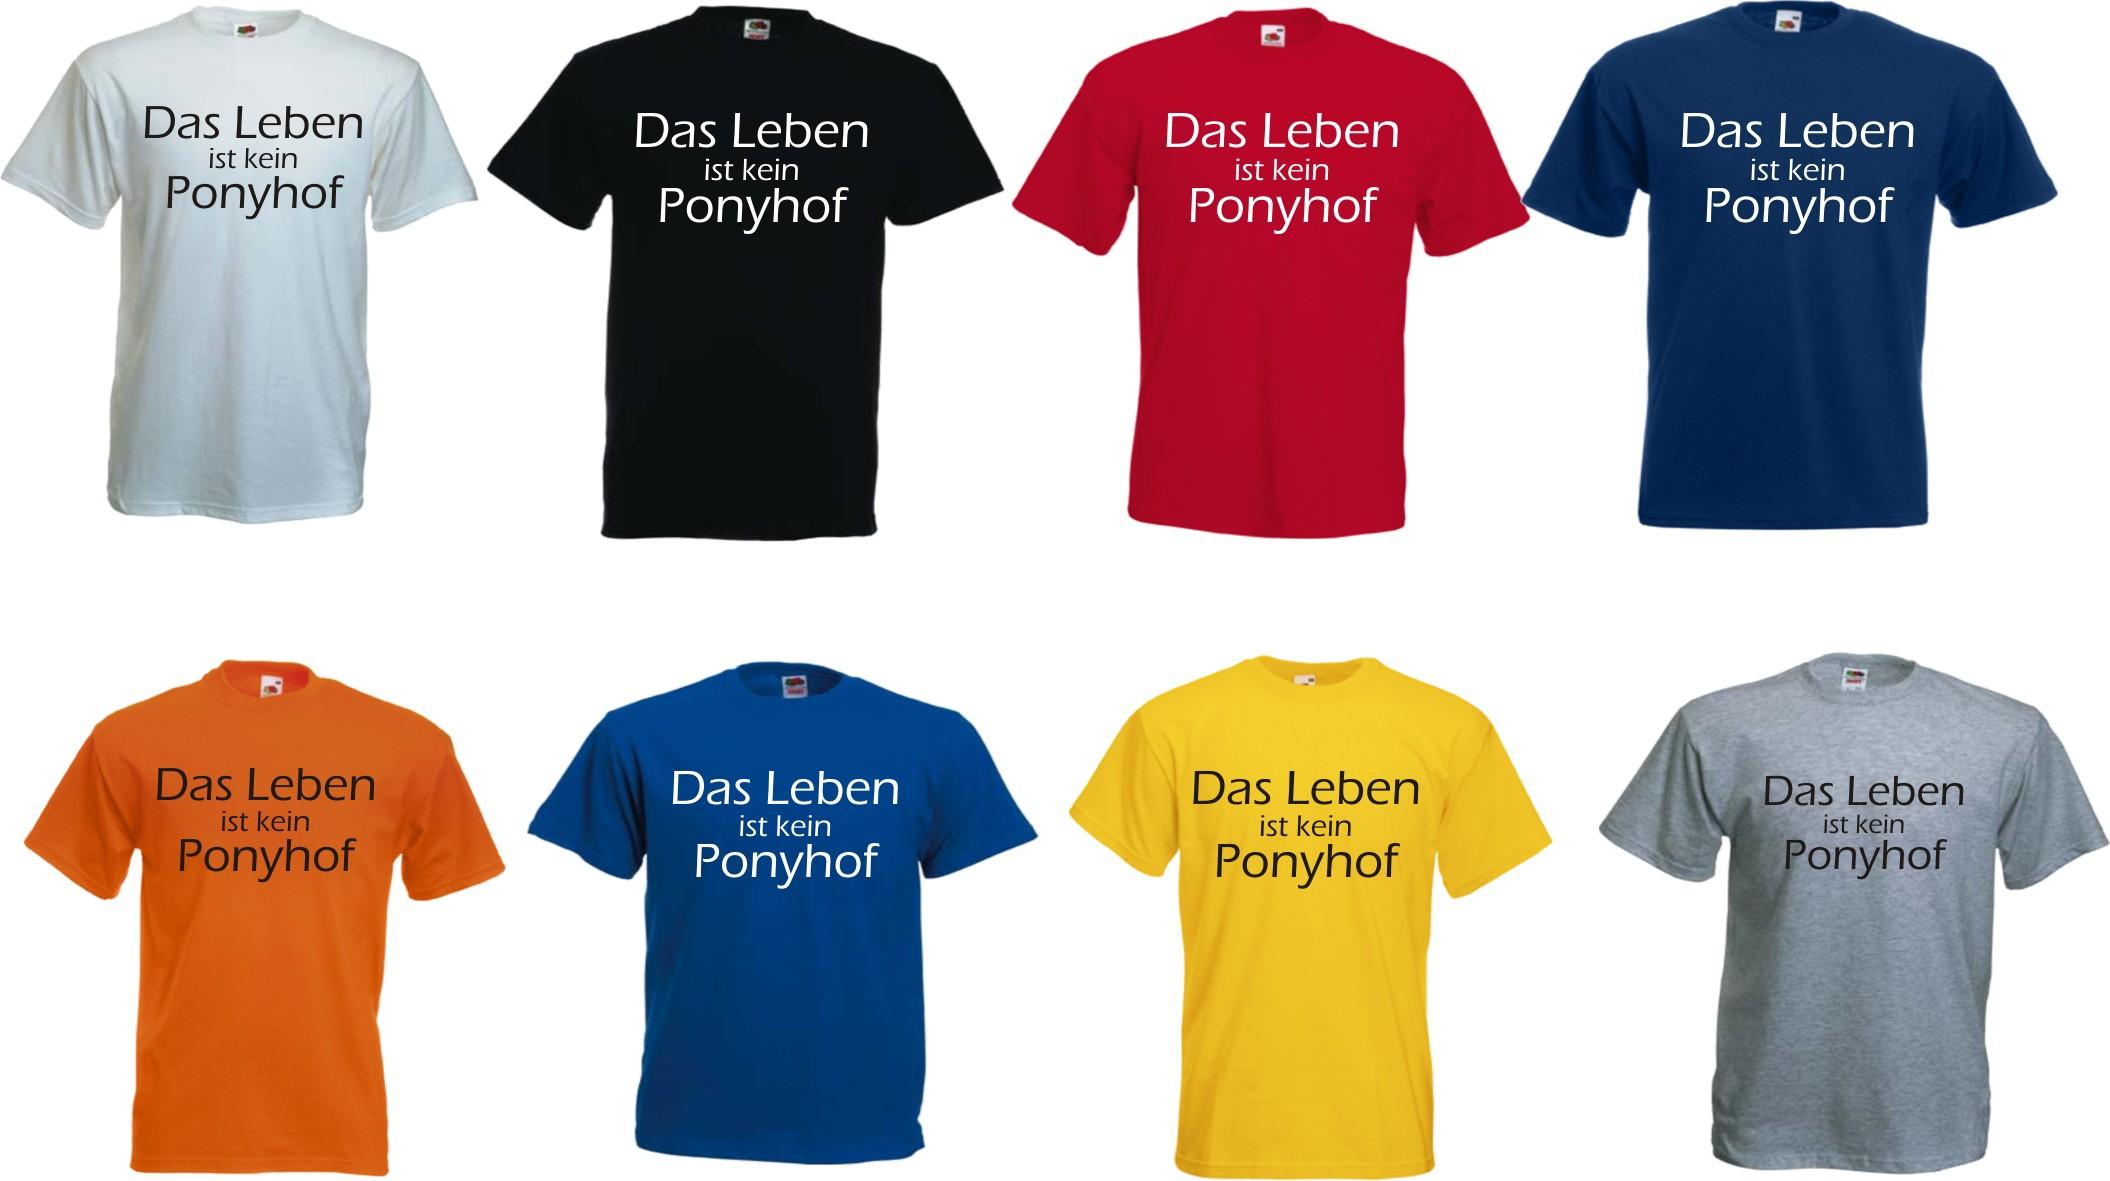 Das_leben_ist_kein_alle_farben.jpg